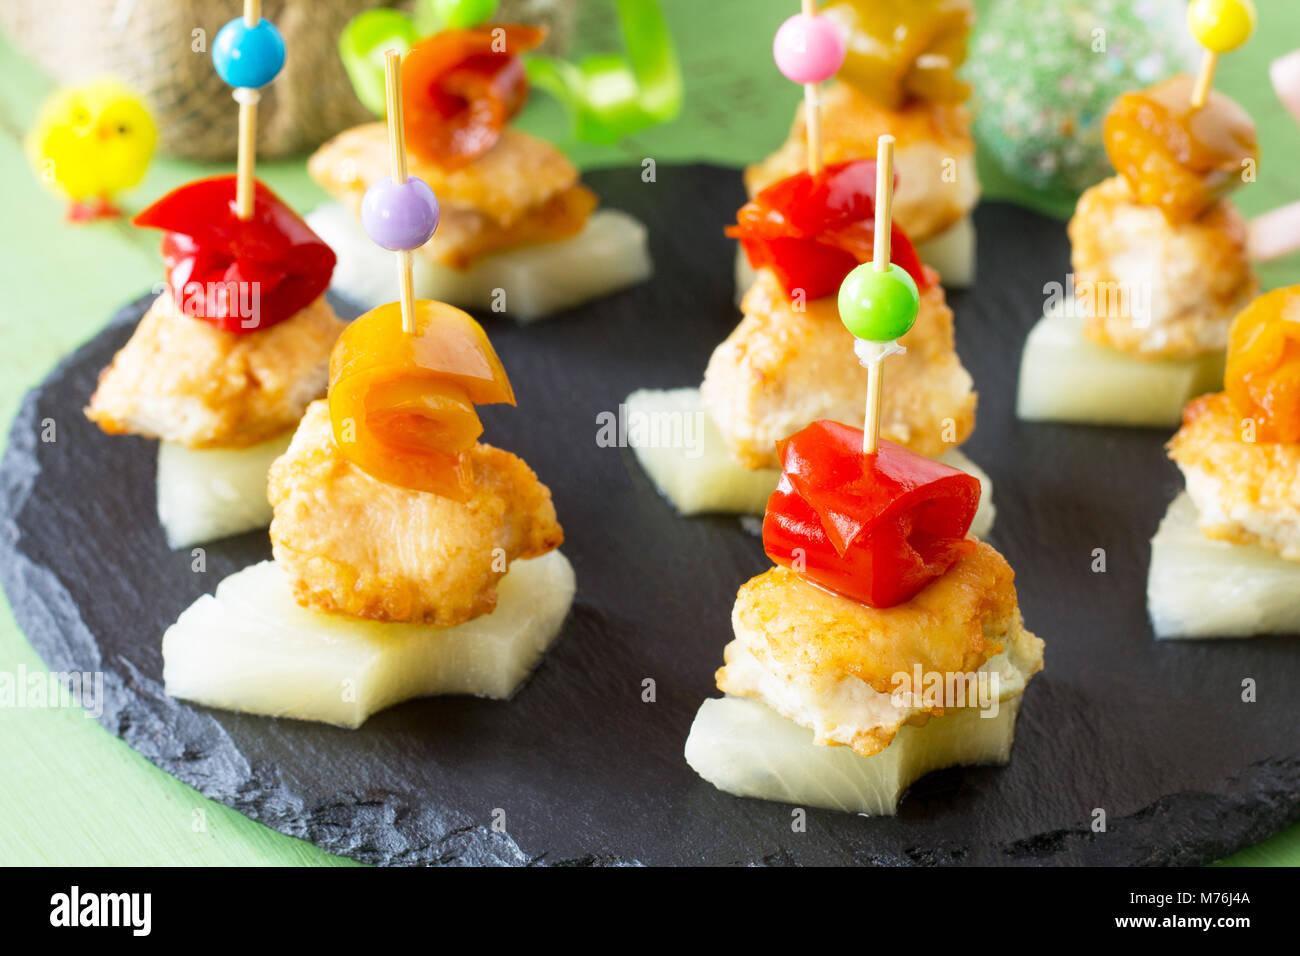 Ostern Rezept, festliche Vorspeise. Kanapees mit Ananas, Grill Hähnchen, marinierte Paprika - auf dem festlichen Stockbild